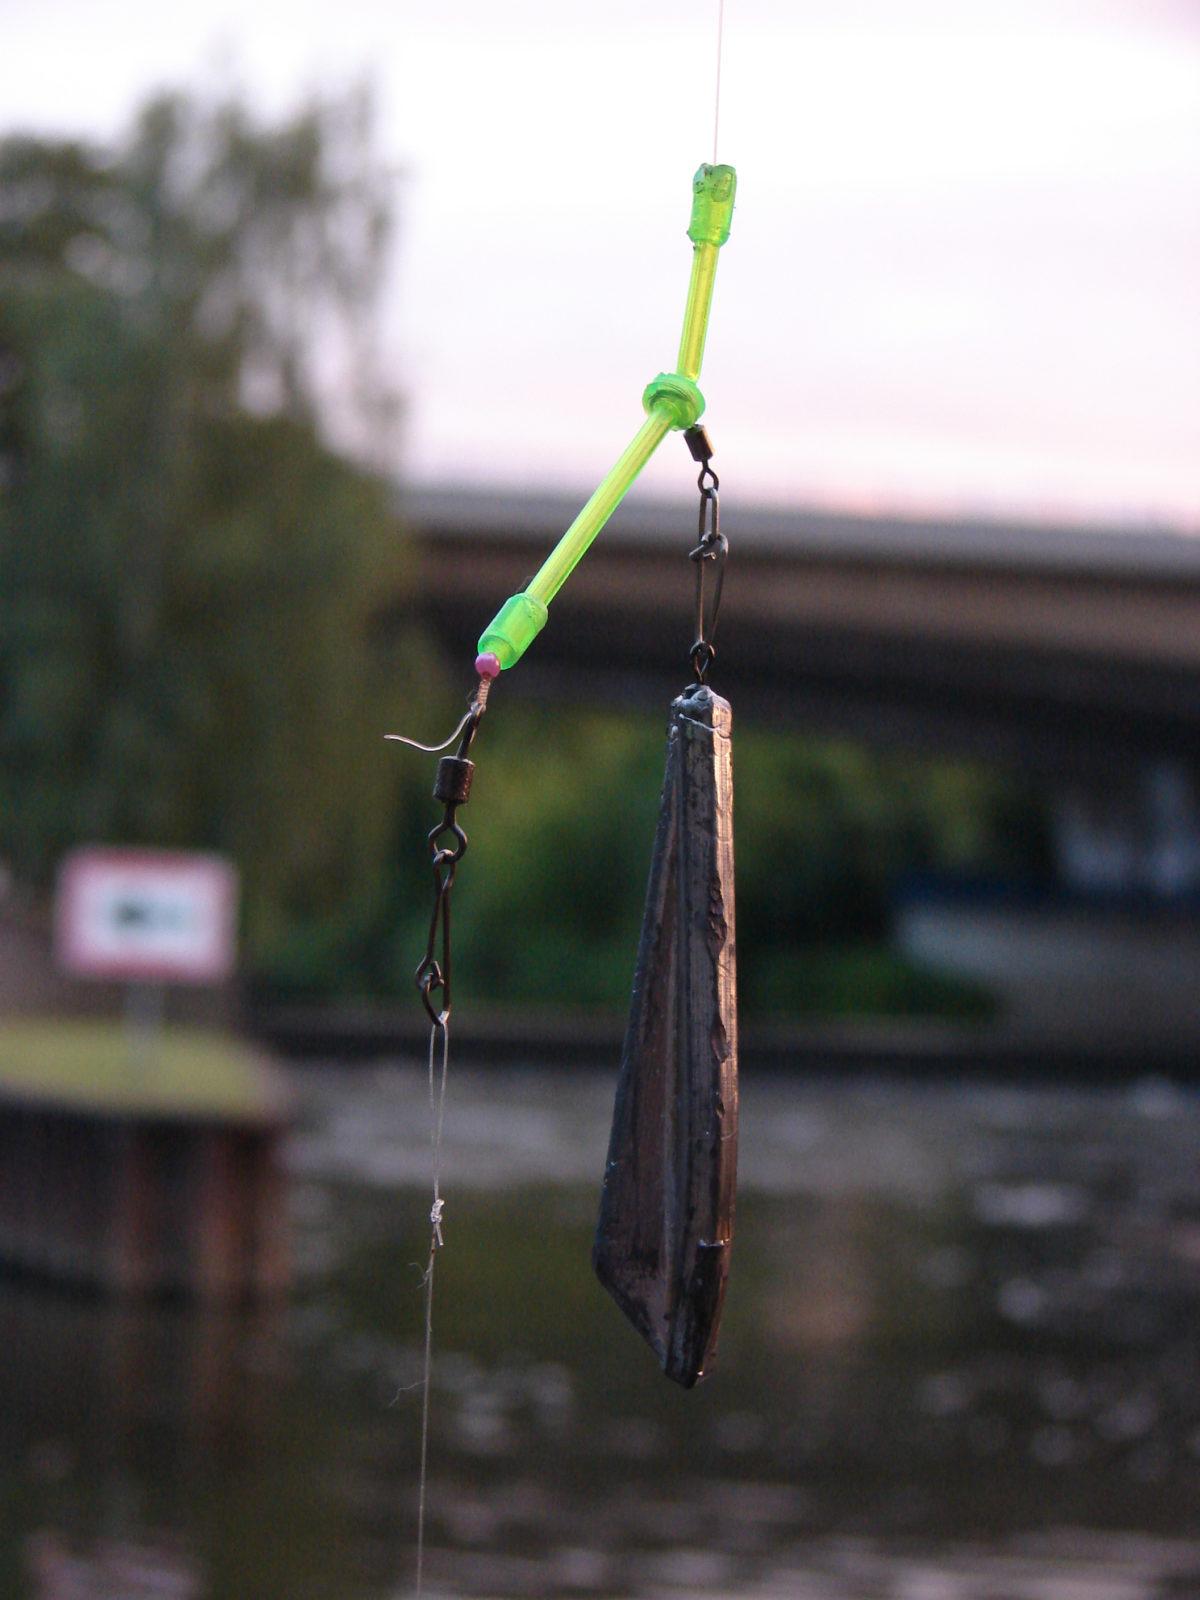 Die Grundmontage fürs Aalangeln ist simple: Ein Anti-Tangl-Boom, ein Perle, Wirbel und das Vorfach mit dem Haken – fertig! Foto: S.Kaufmann